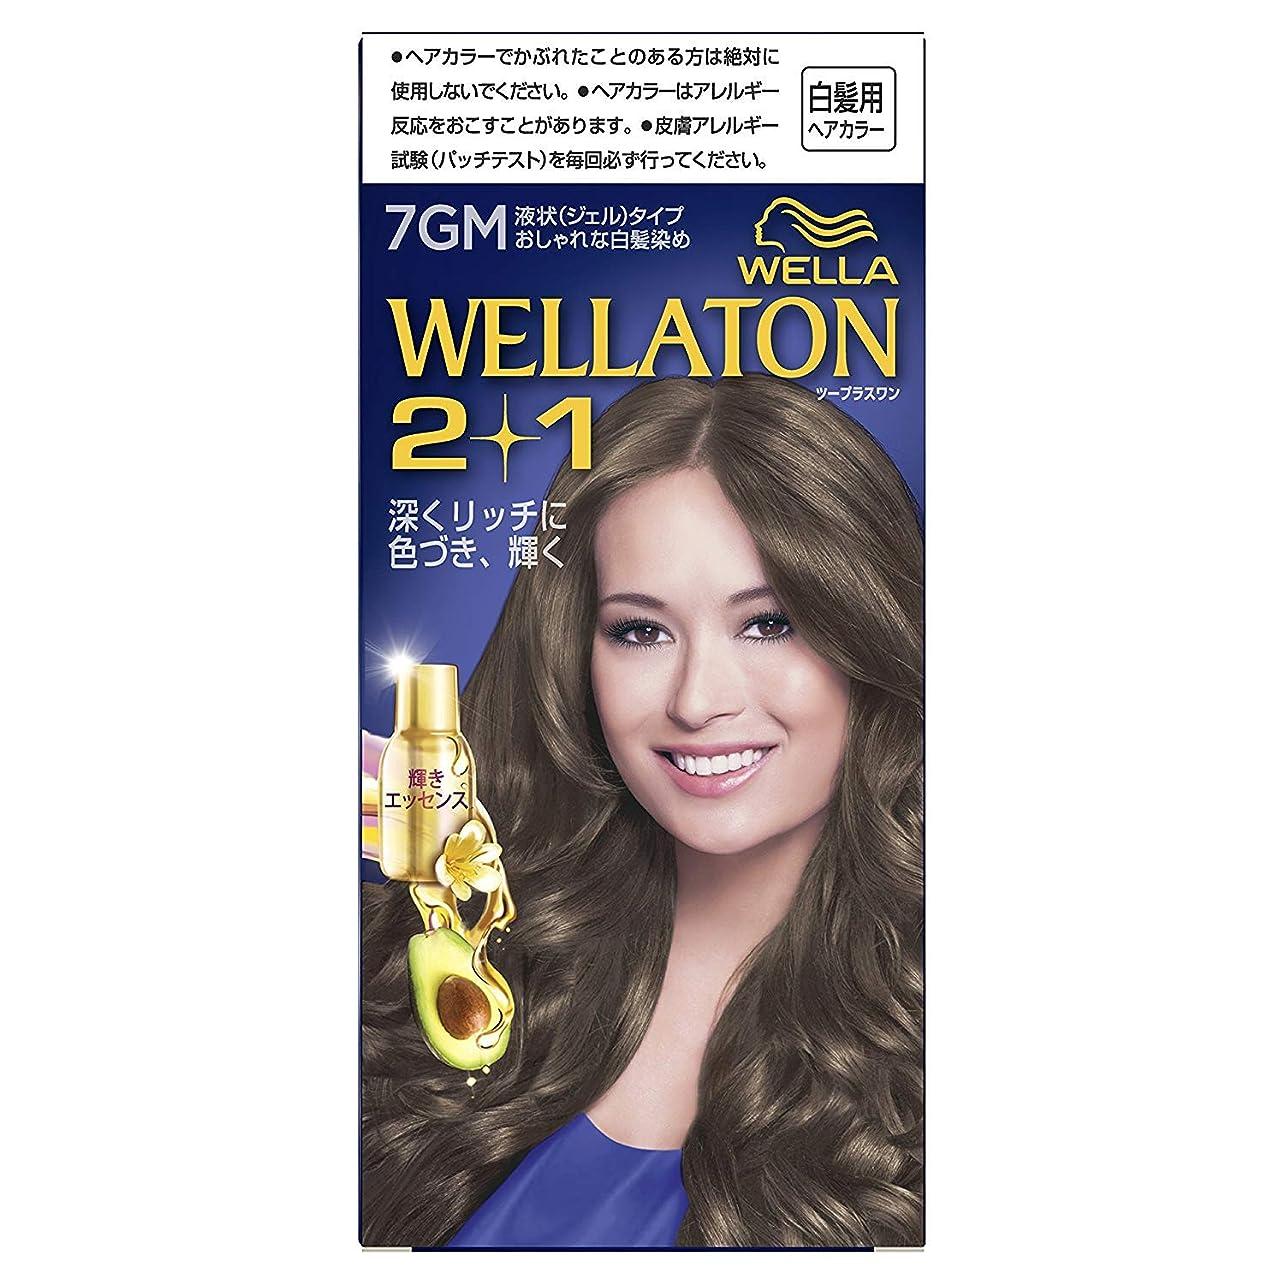 軽彼女自身特許ウエラトーン2+1 液状タイプ 7GM [医薬部外品] ×6個